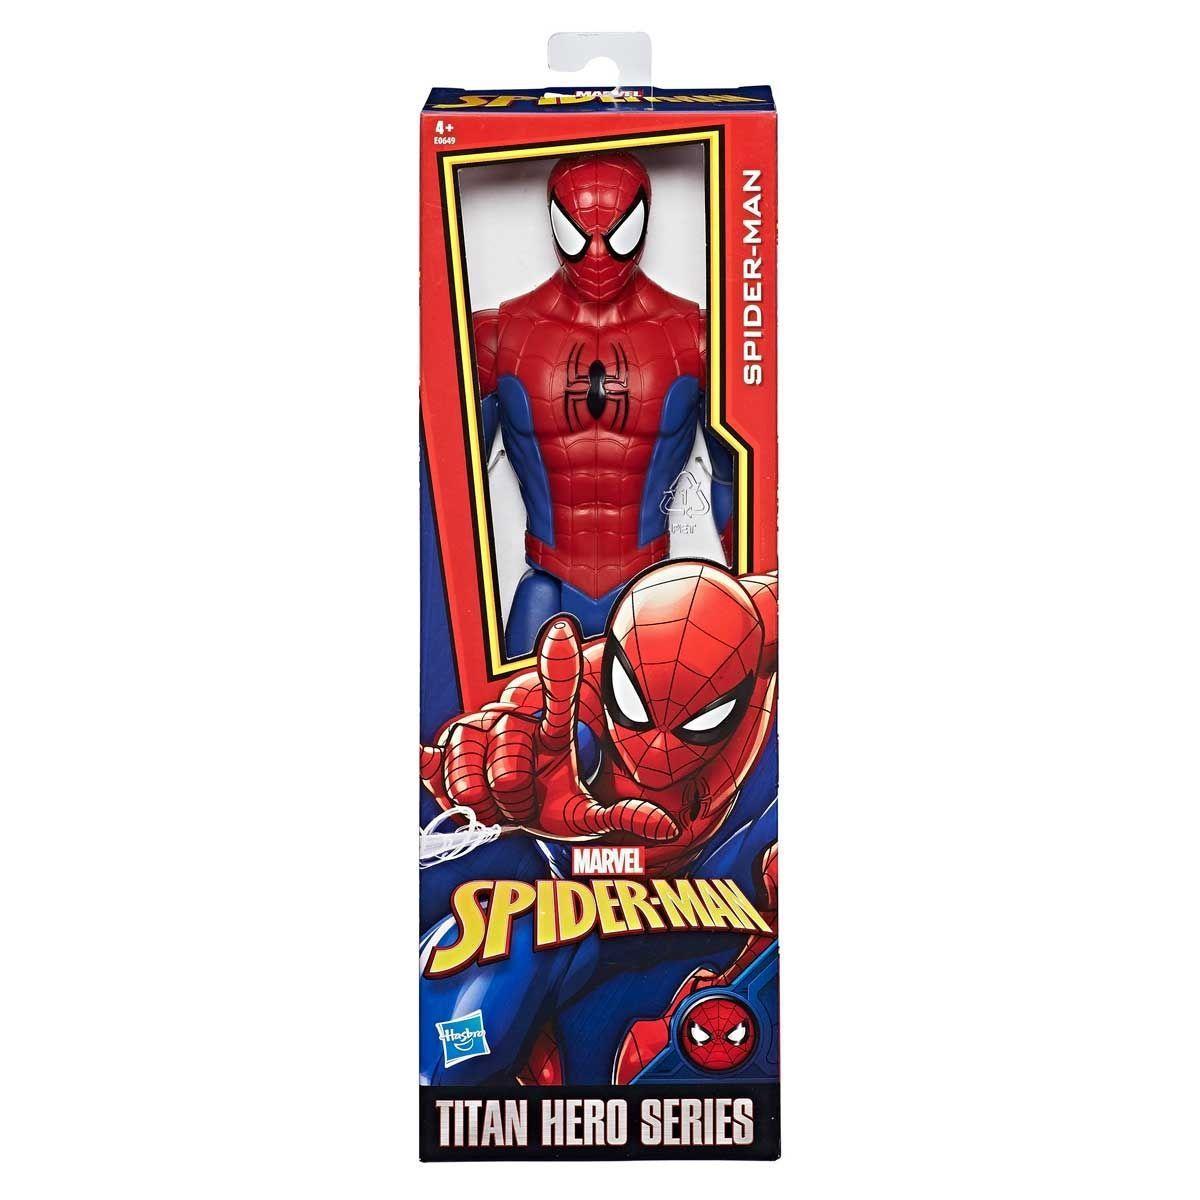 Boneco Homem Aranha Titan Hero Original - Hasbro E0649